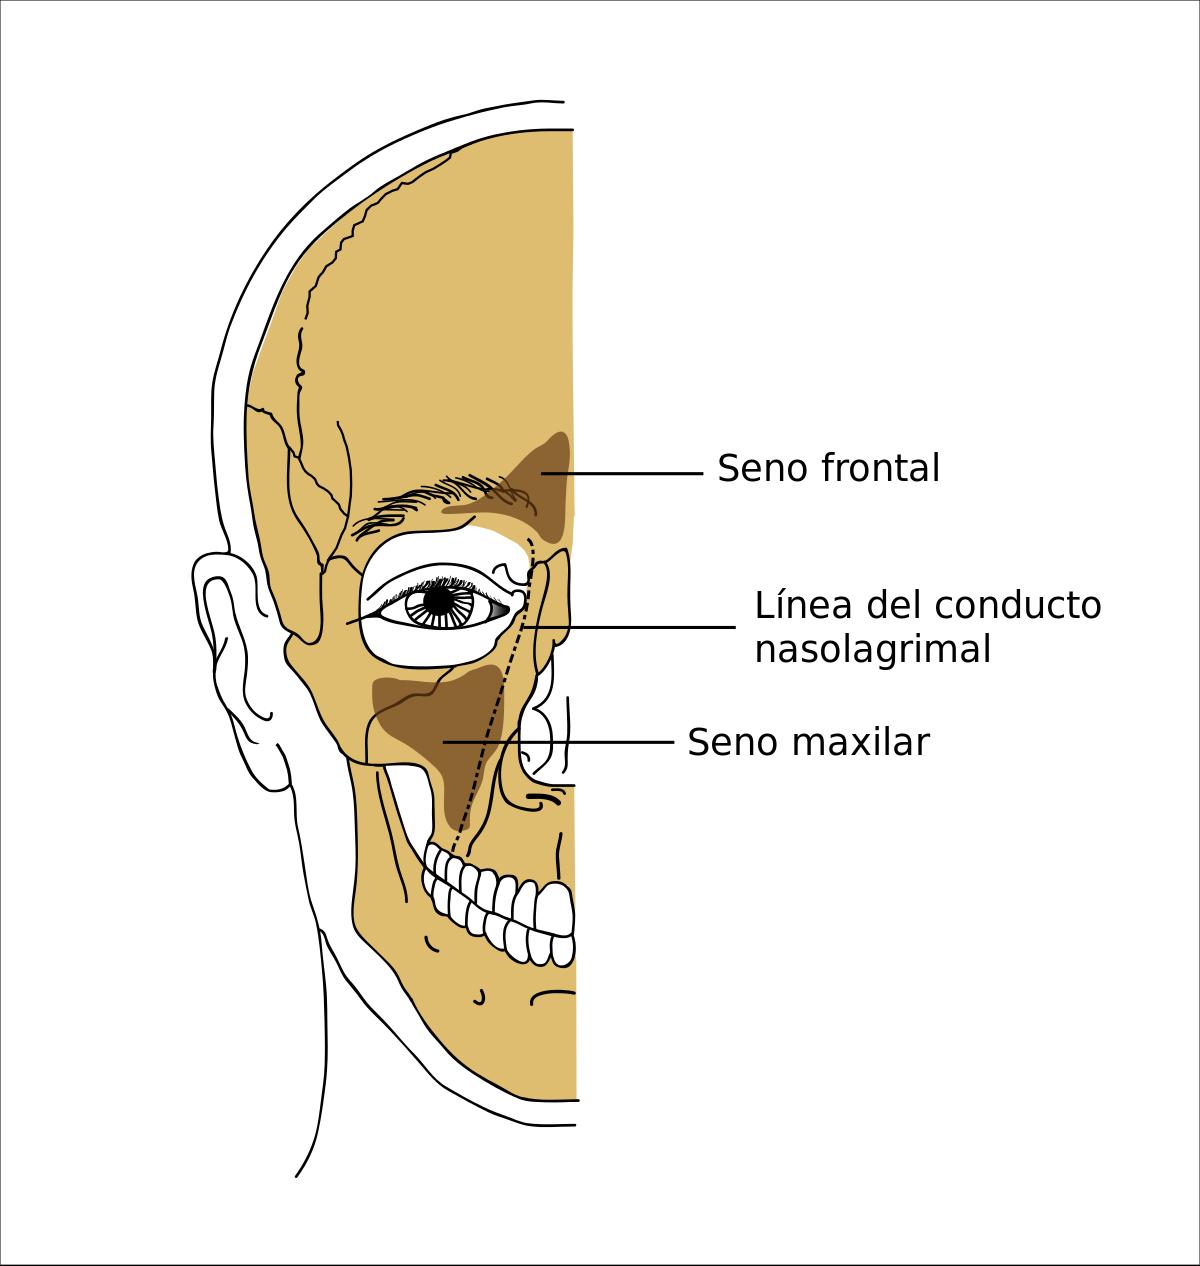 seno maxilar